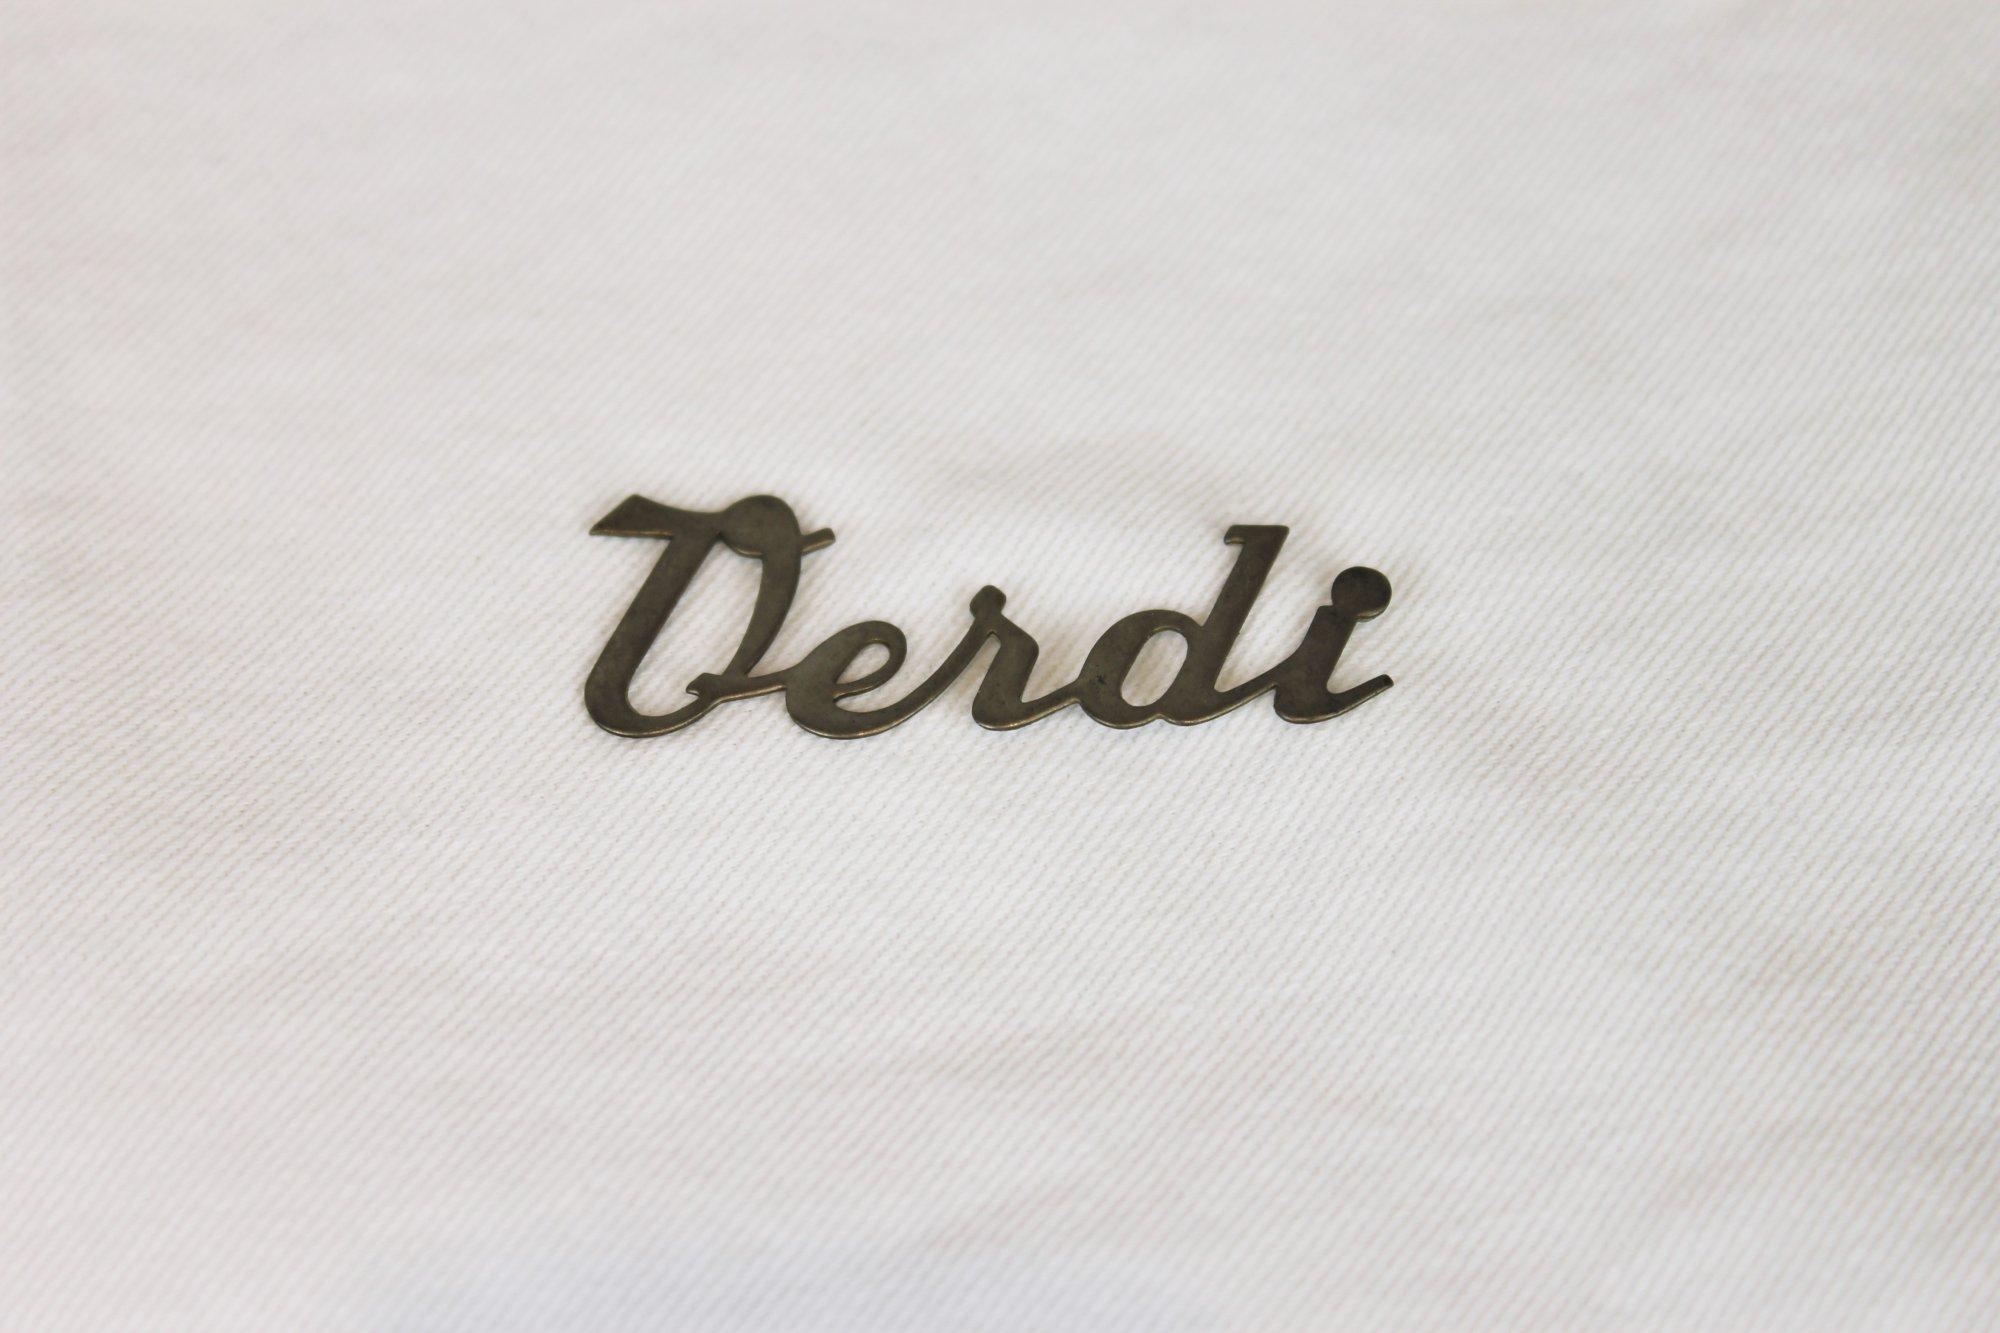 Hohner Verdi Accordion Part - Verdi Emblem Logo